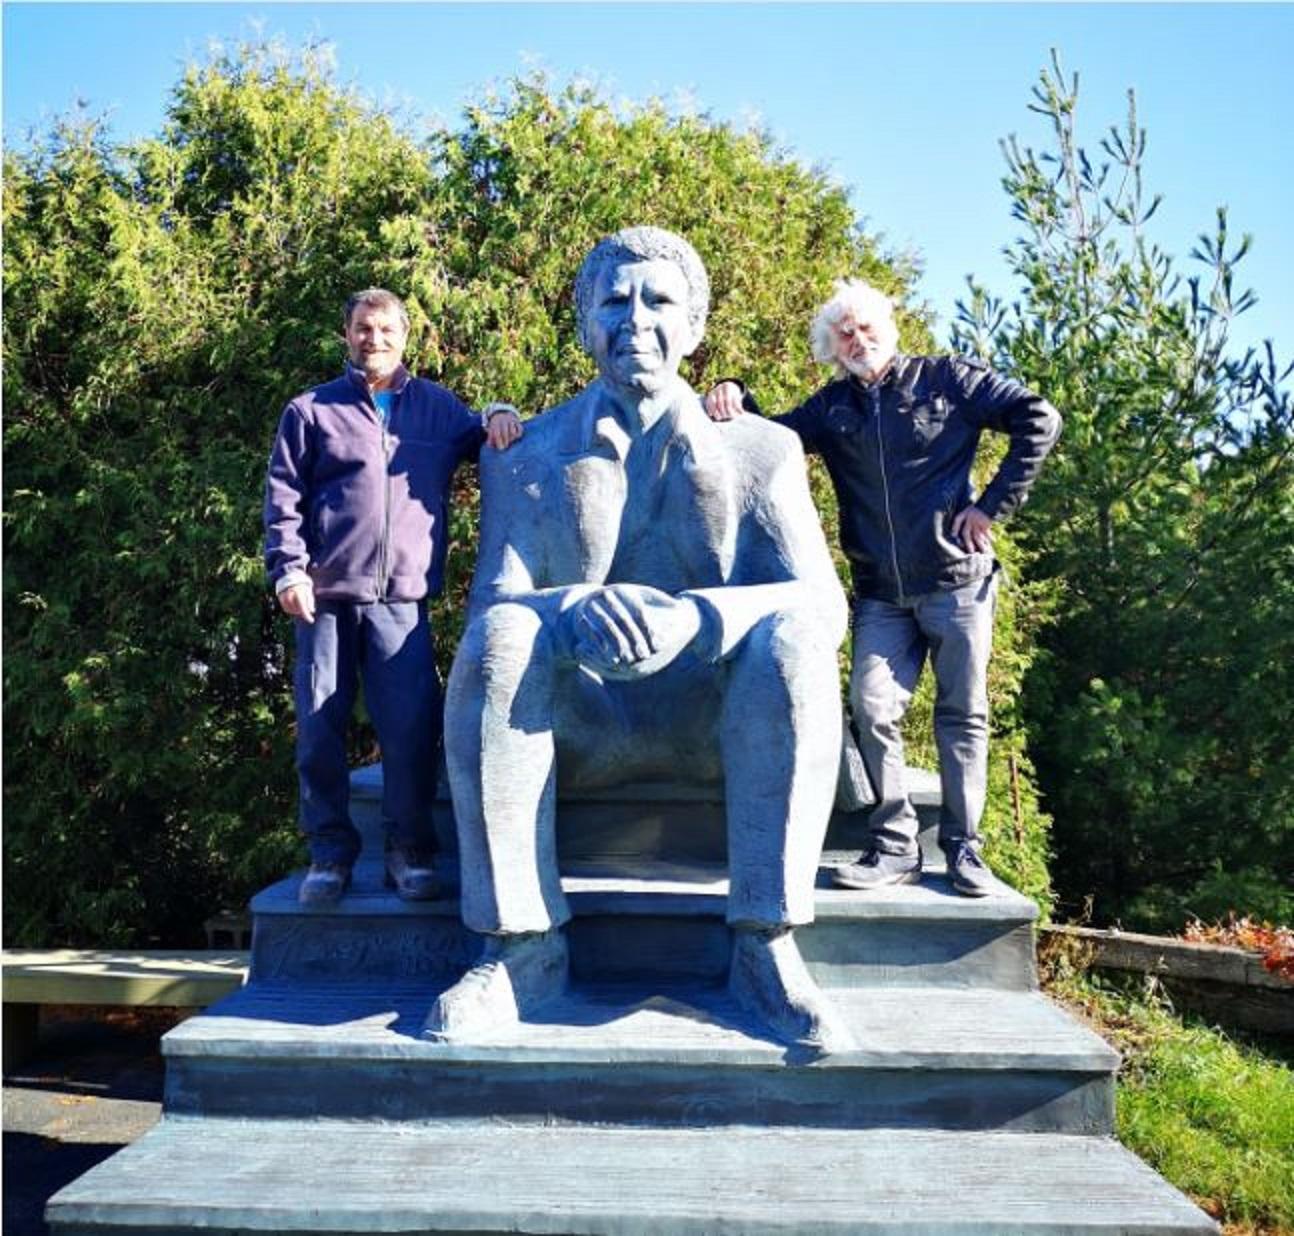 Sculpture réalisée par le sculpteur Roger Langevin (à droite) et son assistant Jean-François Beaulieu.